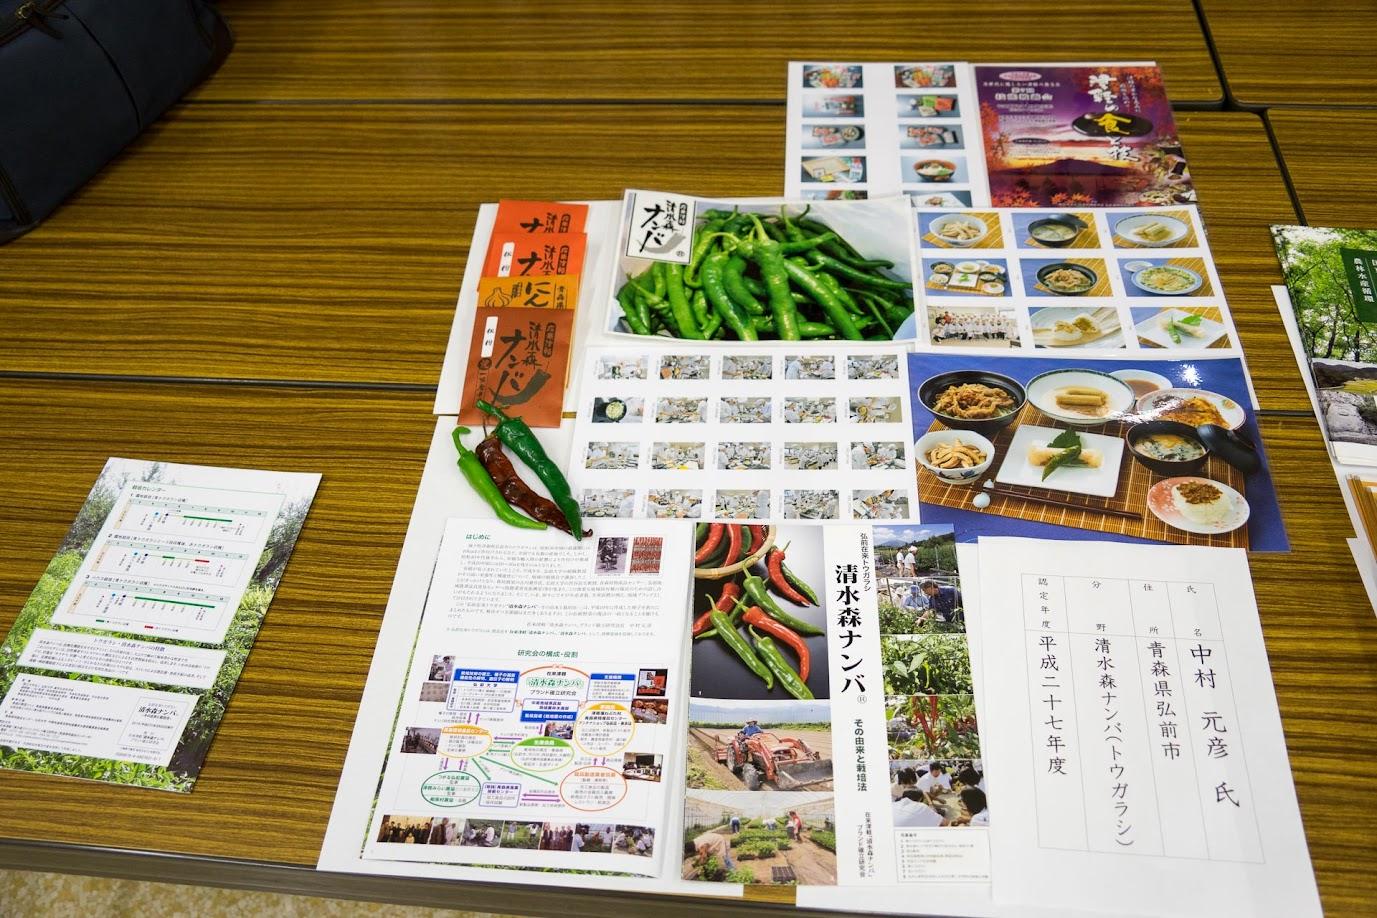 清水森ナンバ(トウガラシ・青森県弘前市)